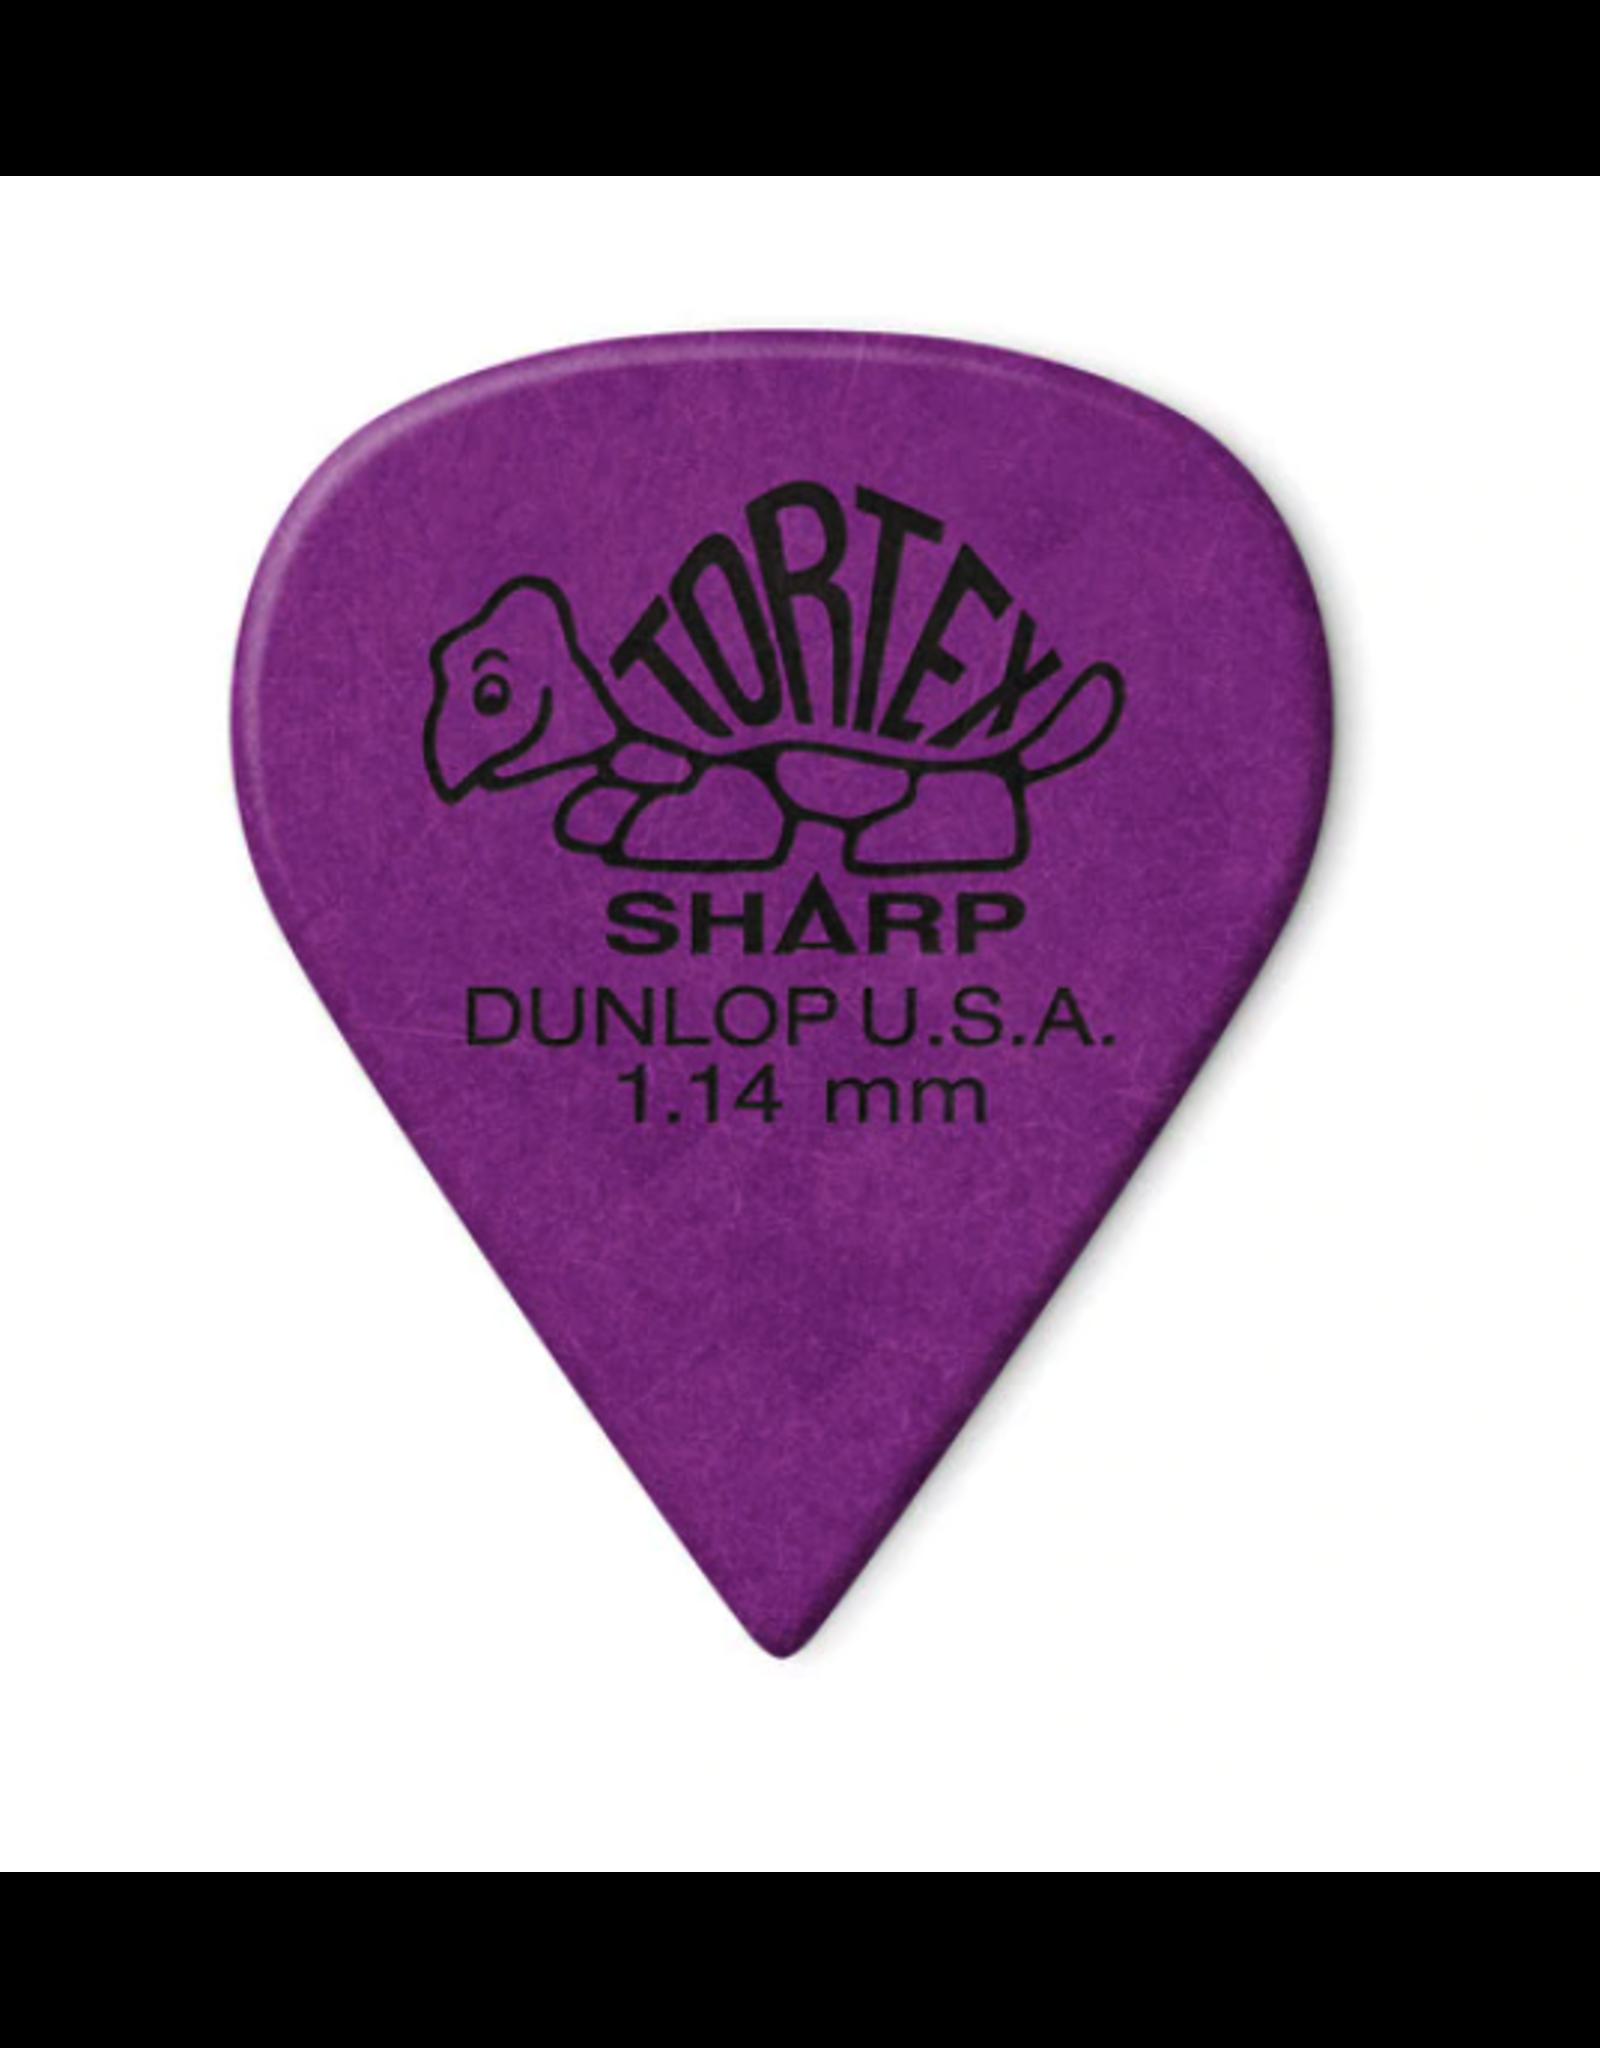 Dunlop Dunlop Tortex Sharp Pick 1.14